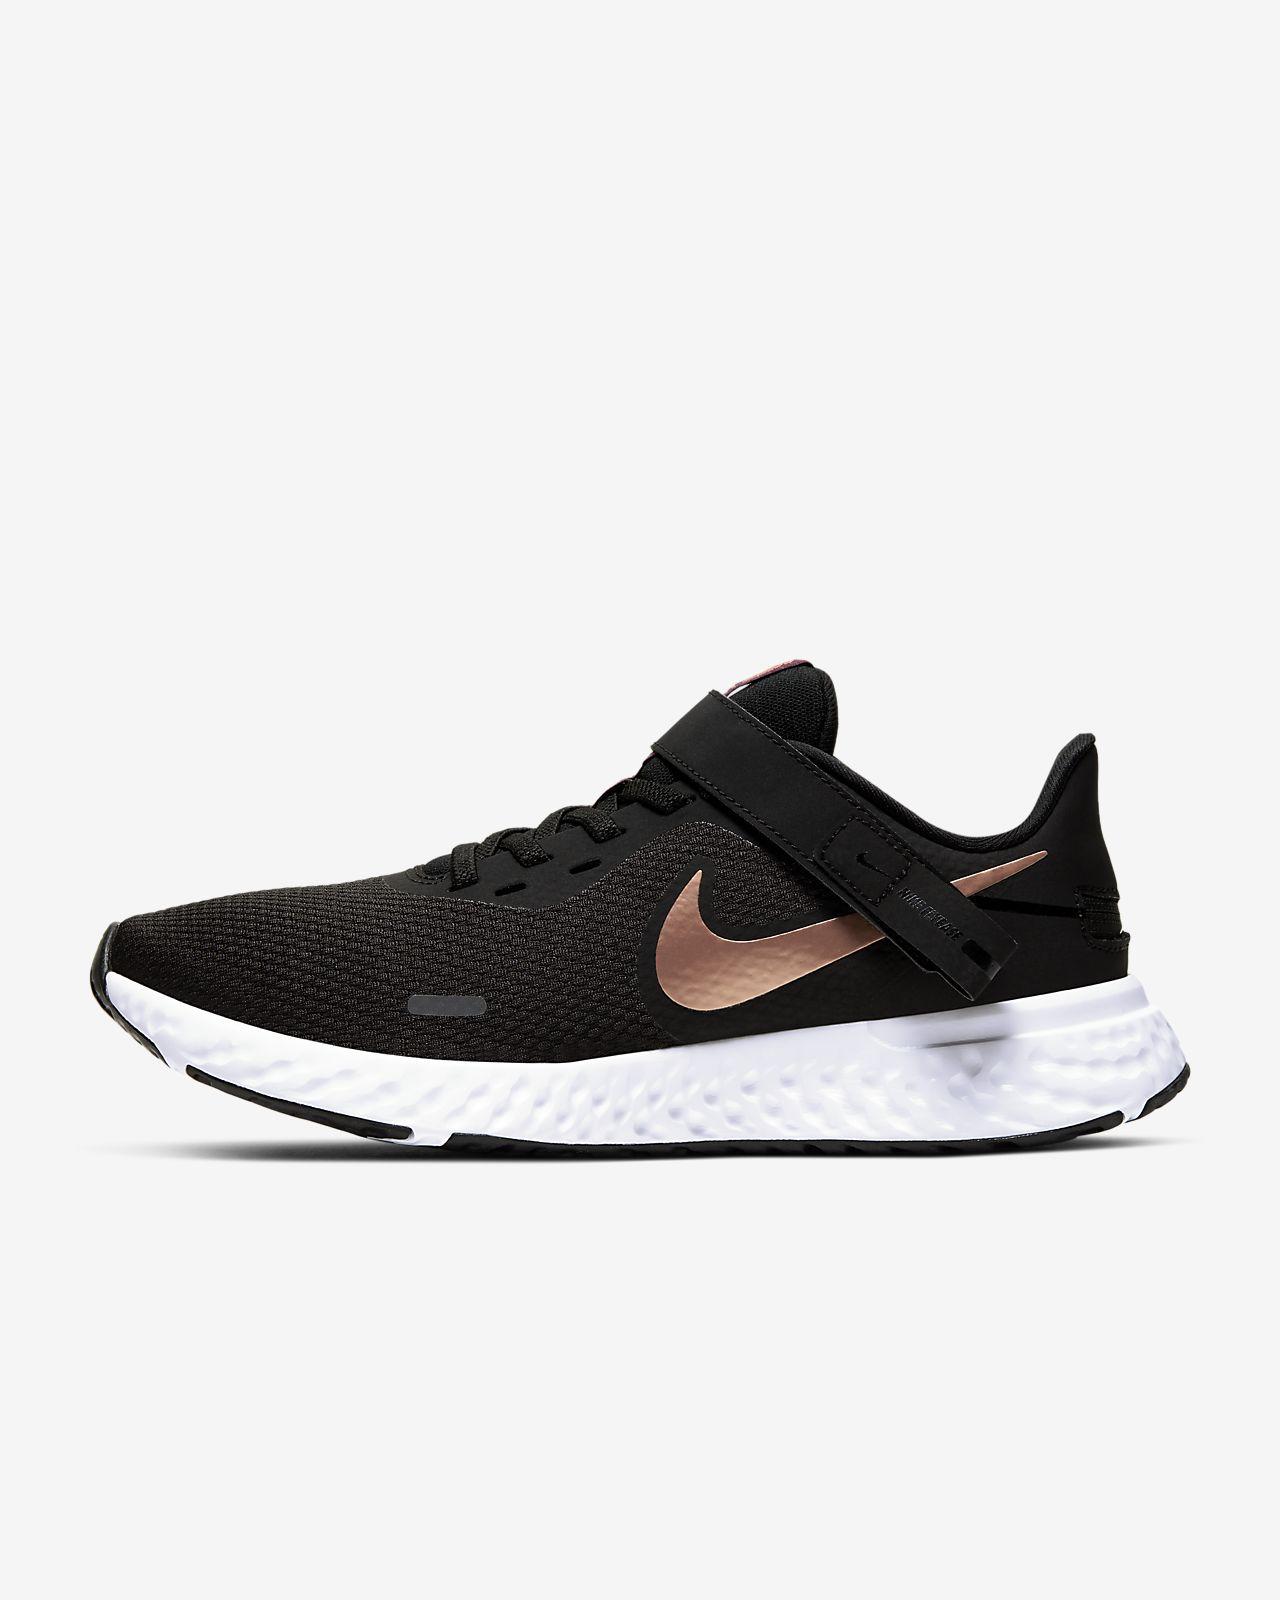 Löparsko Nike Revolution 5 FlyEase för kvinnor